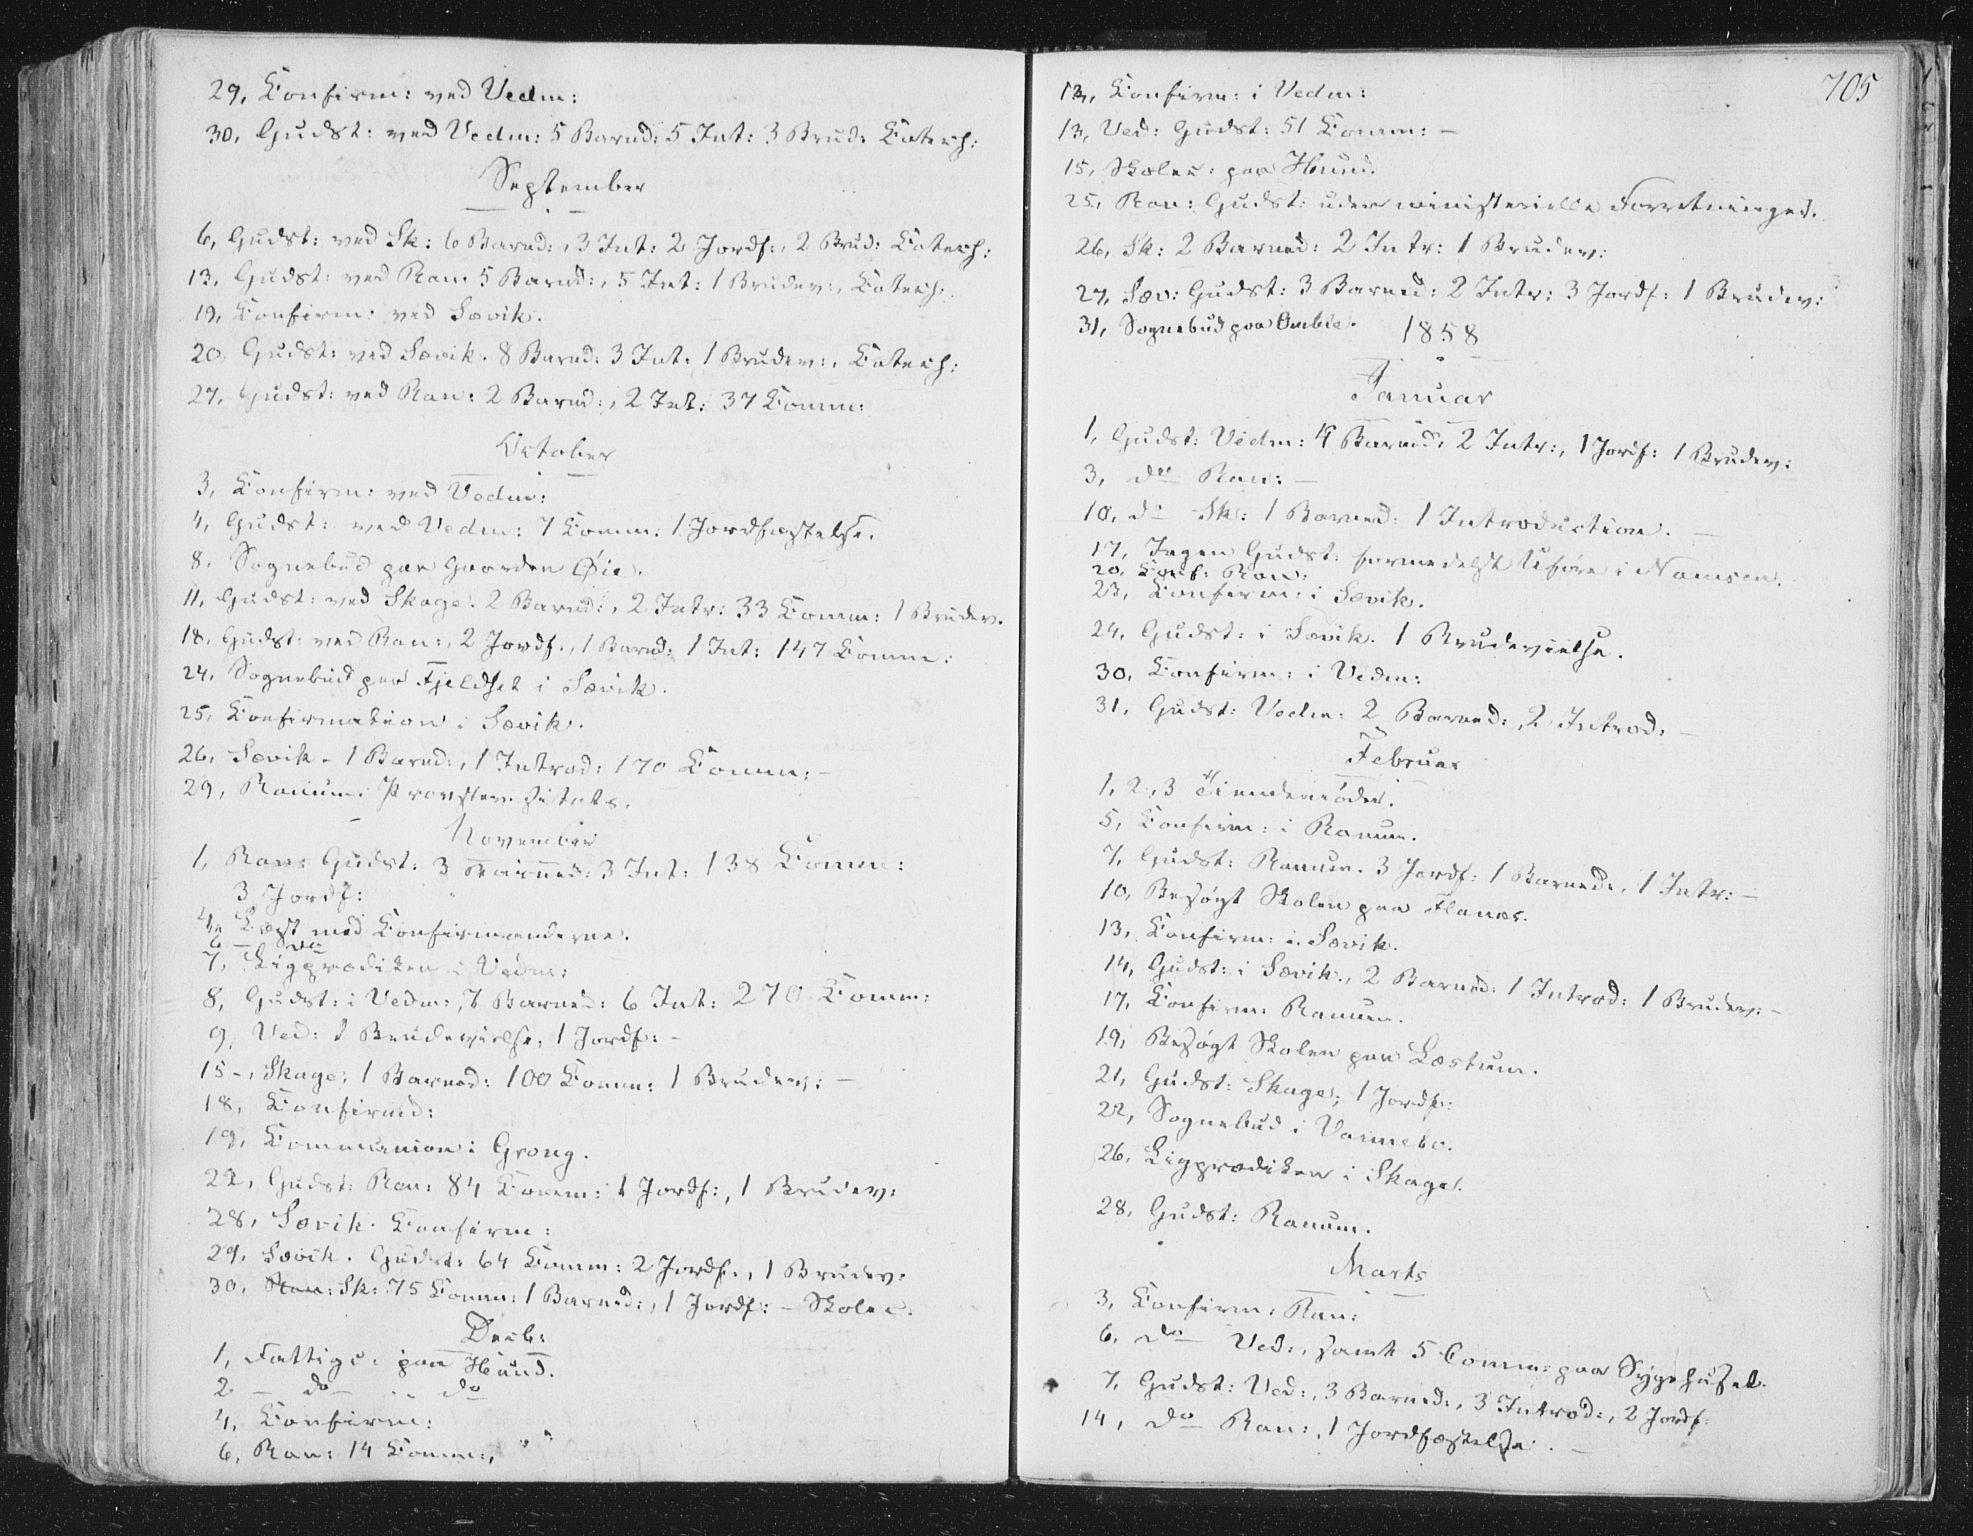 SAT, Ministerialprotokoller, klokkerbøker og fødselsregistre - Nord-Trøndelag, 764/L0552: Ministerialbok nr. 764A07b, 1824-1865, s. 705